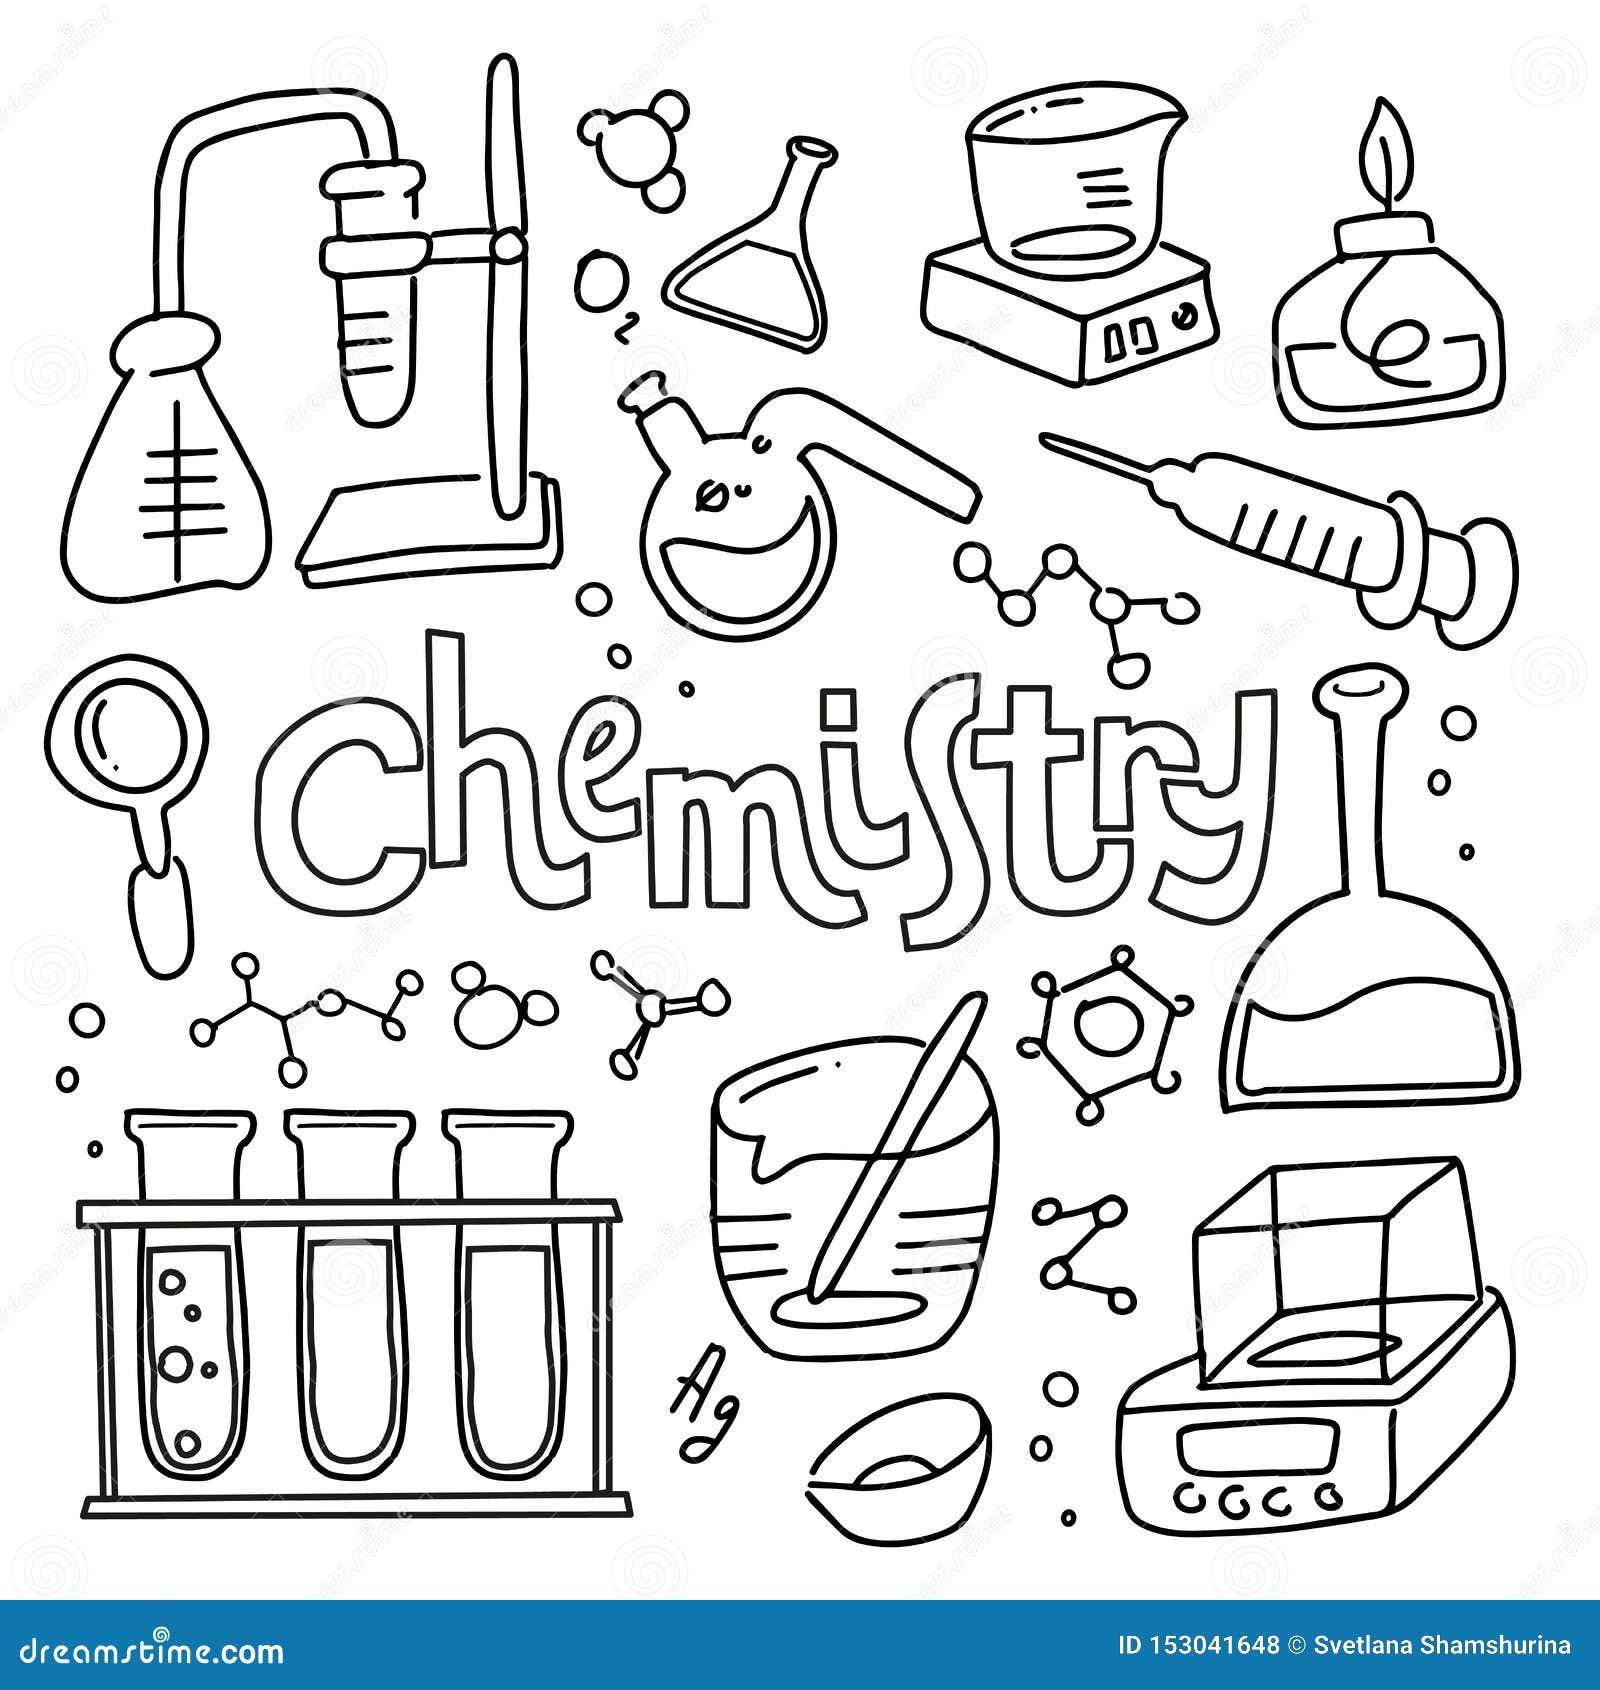 St?ll in av laboratoriumutrustning i svartvit skisserad klotterstil Utdragen barnslig kemi f?r hand och vetenskapssymbolsupps?ttn